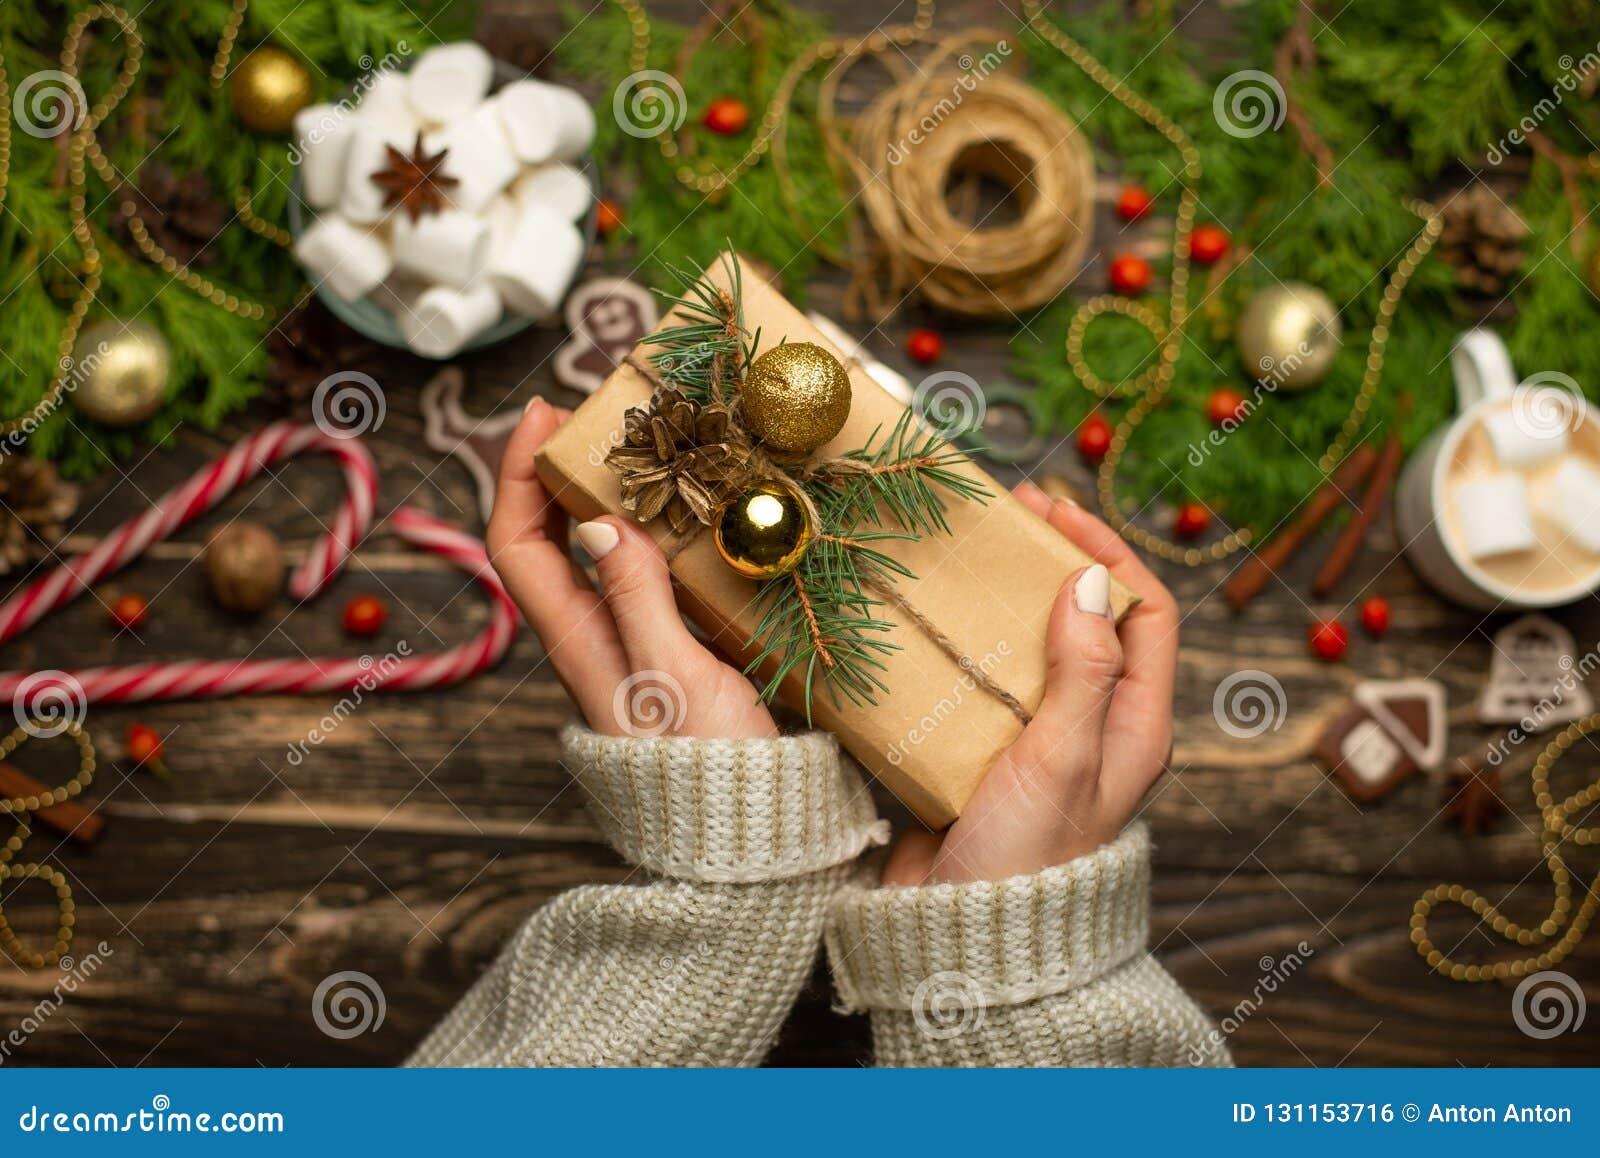 Natale, il fondo del nuovo anno, piano-disposizione la ragazza in un maglione di lana avvolge i regali su un fondo di legno, con